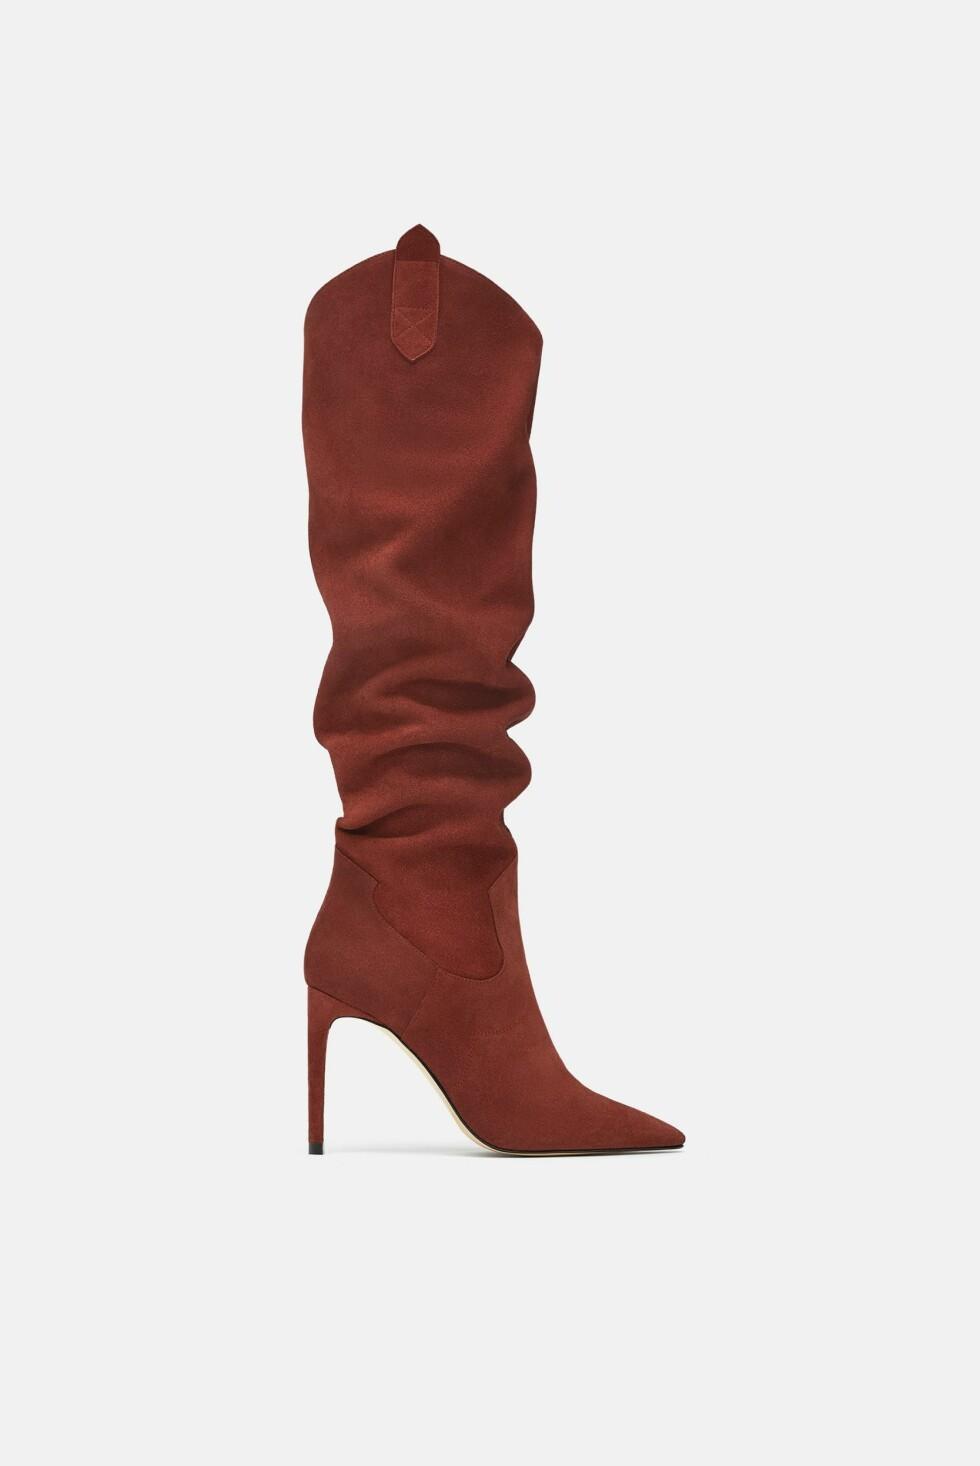 Sko fra Zara |1400,-| https://www.zara.com/no/no/h%C3%B8yh%C3%A6lt-st%C3%B8vel-i-mykt-skinn-p15008301.html?v1=6963527&v2=1074625